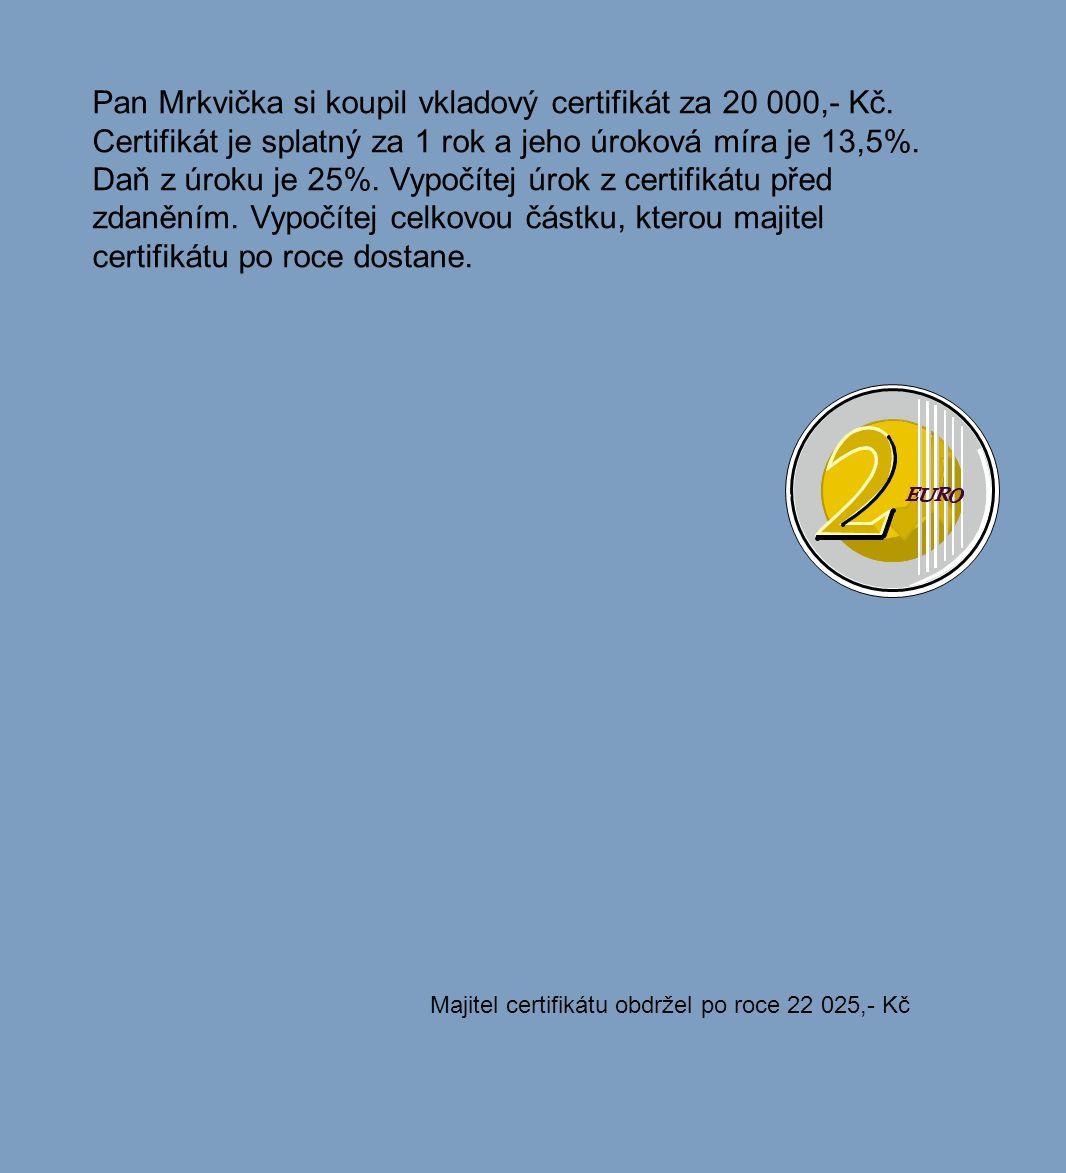 Pan Mrkvička si koupil vkladový certifikát za 20 000,- Kč. Certifikát je splatný za 1 rok a jeho úroková míra je 13,5%. Daň z úroku je 25%. Vypočítej